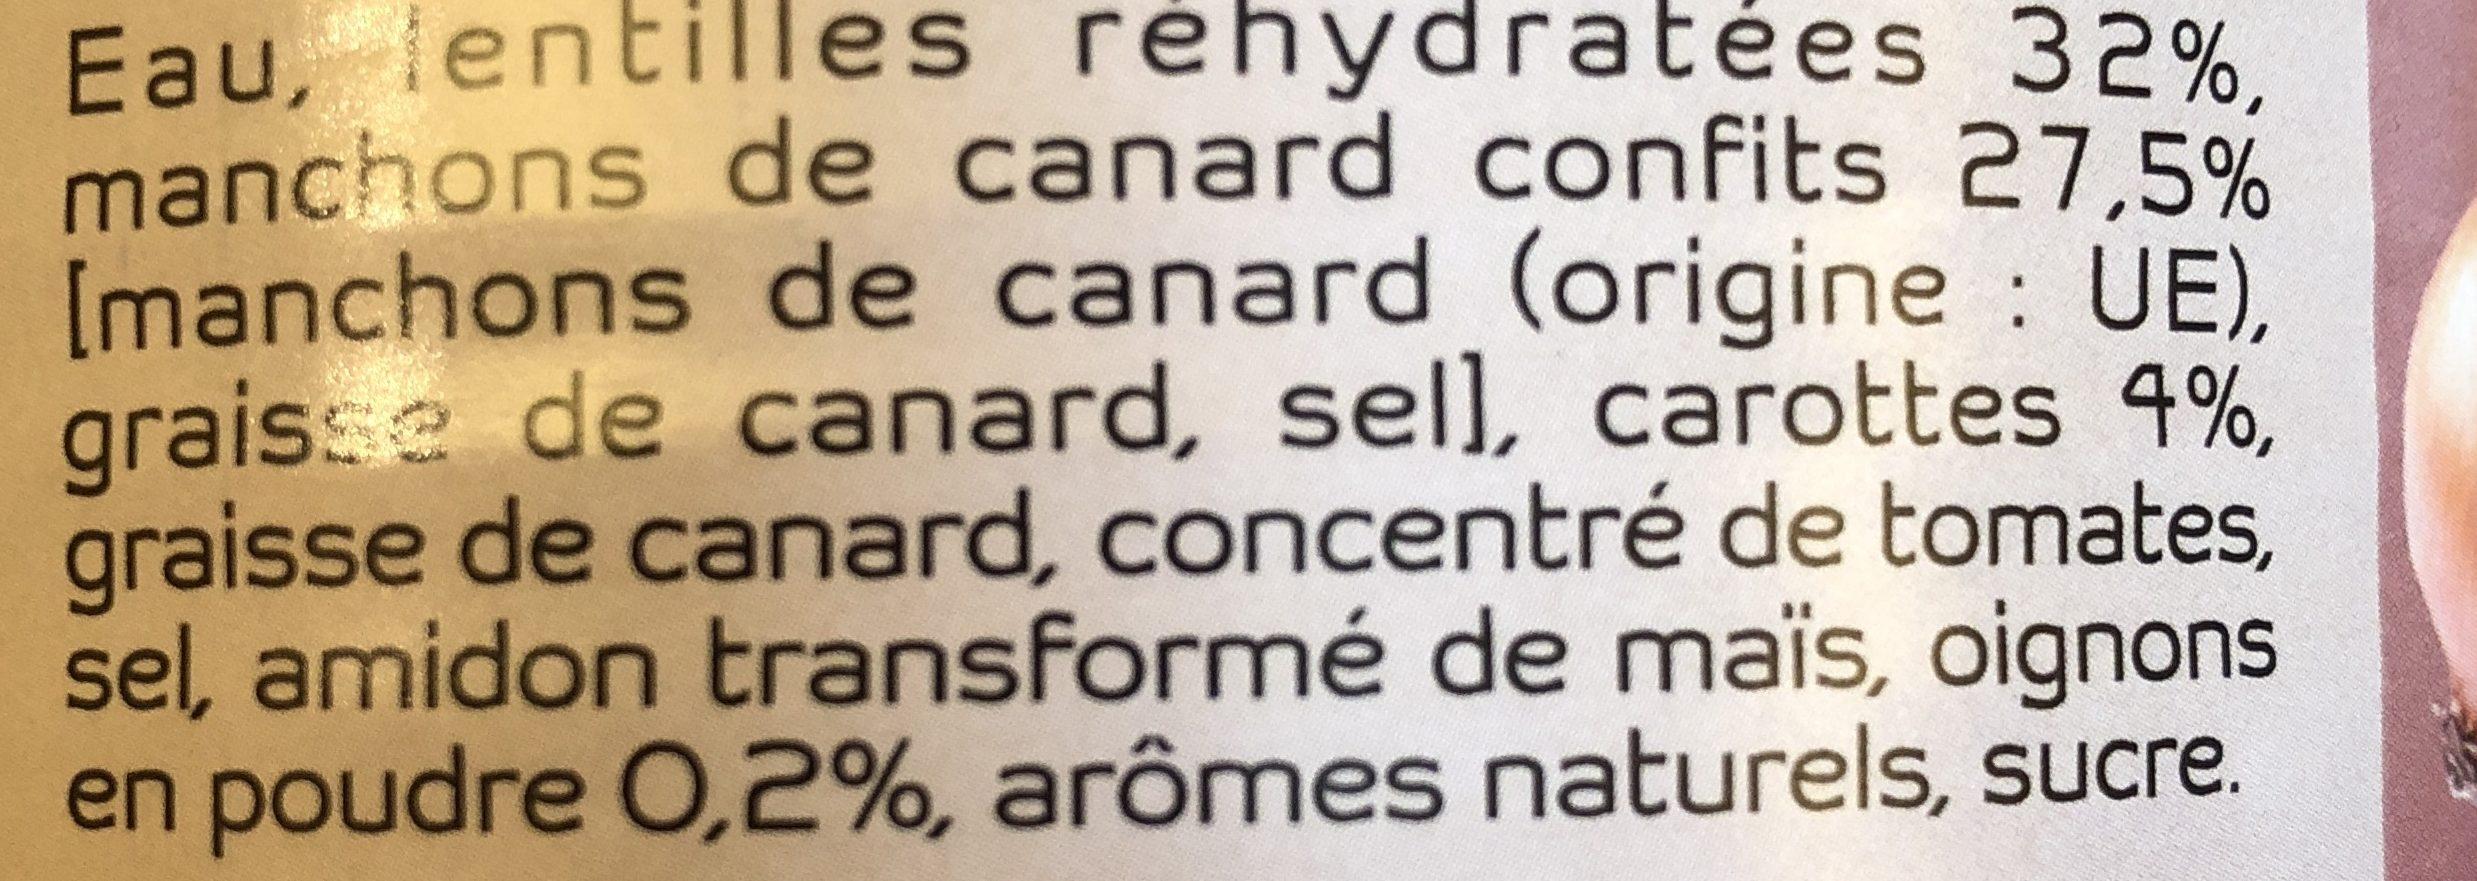 Manchons de Canard aux Lentilles - Ingrédients